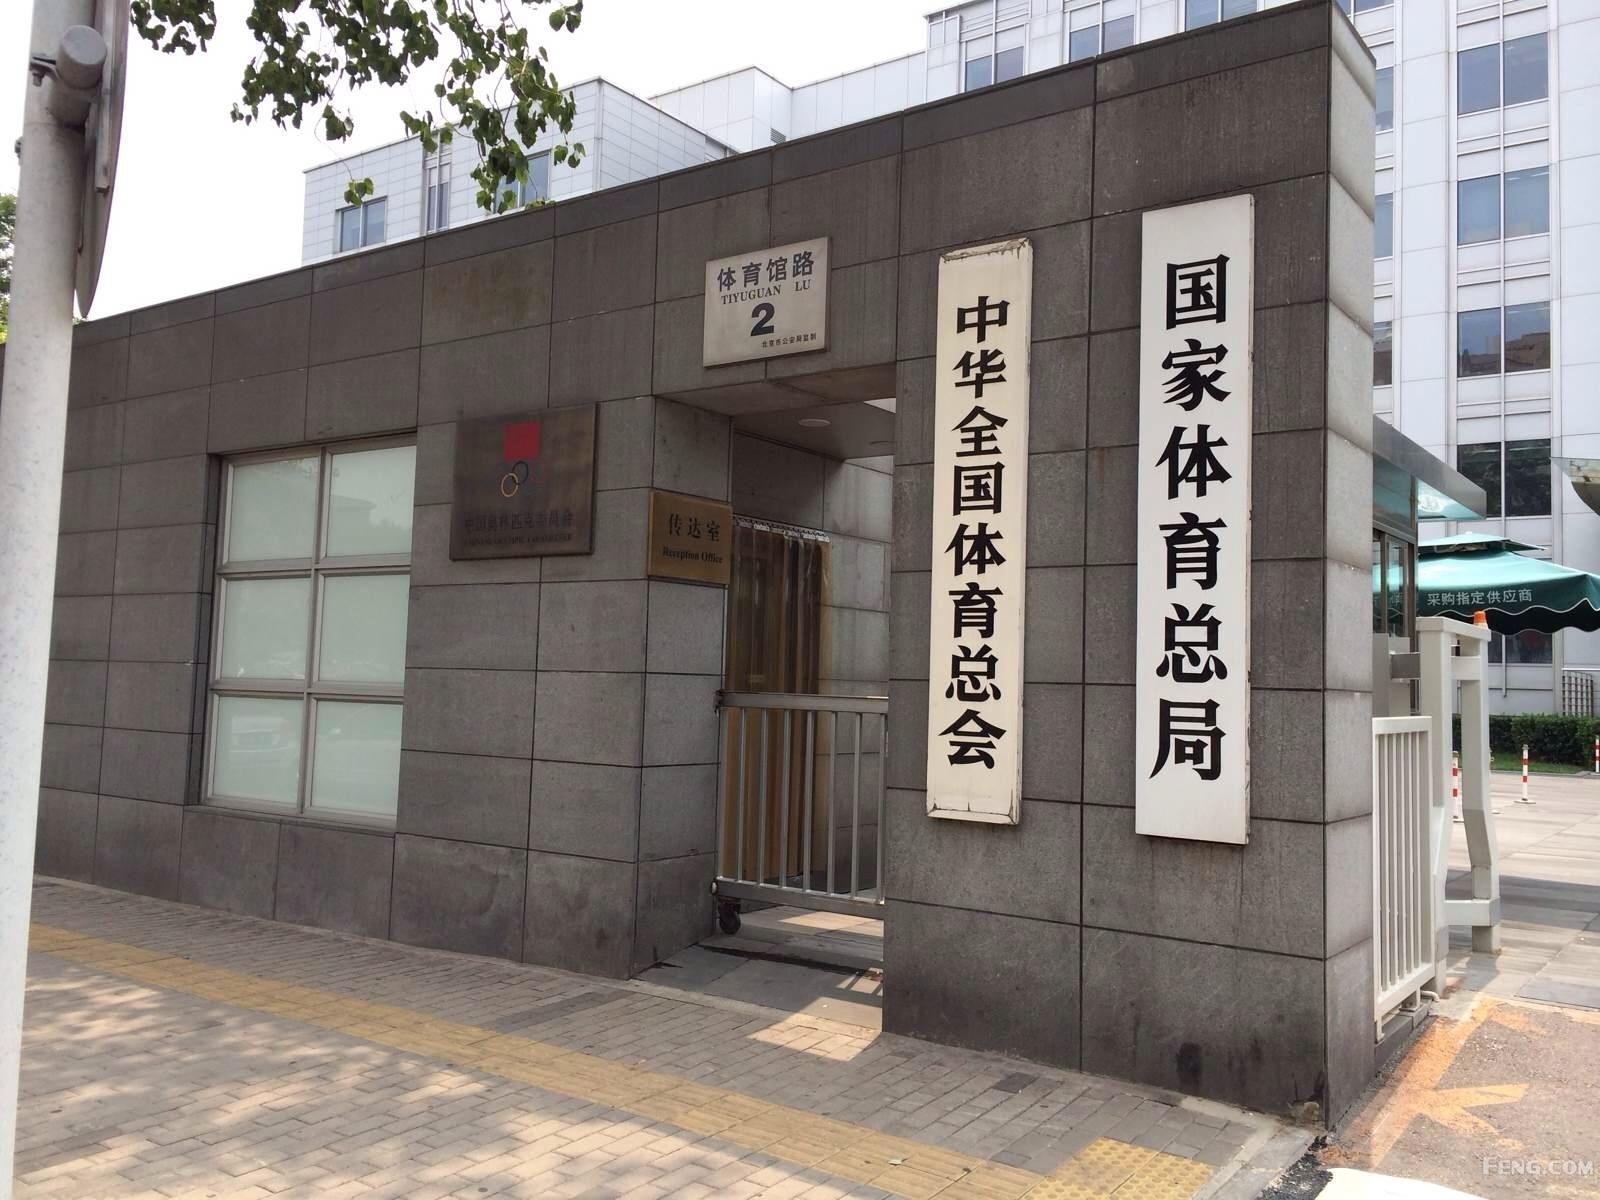 北京市发布新政,将有序开放期货开户 健身场所